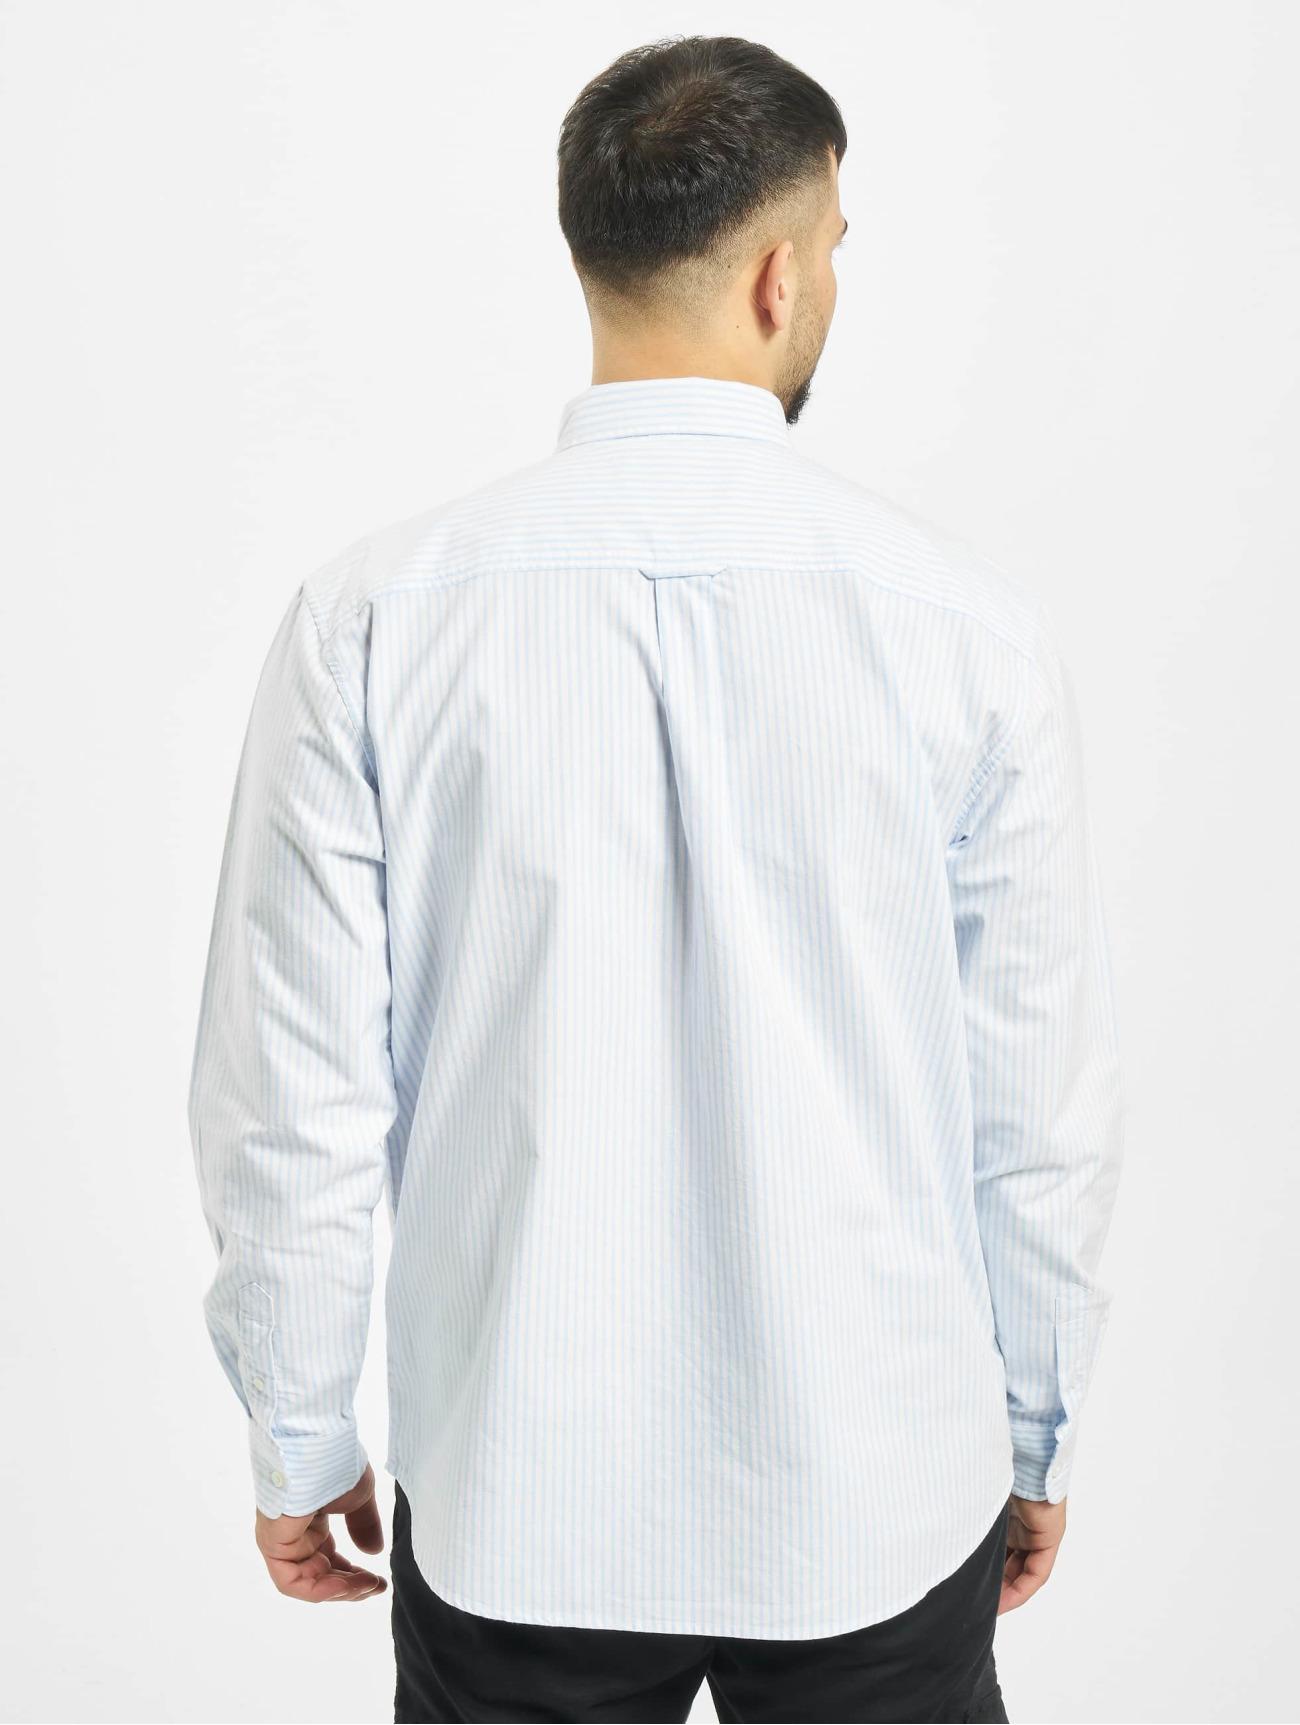 Carhartt WIP Överdel / Skjorta Karev  i blå 645879 Män Överdelar